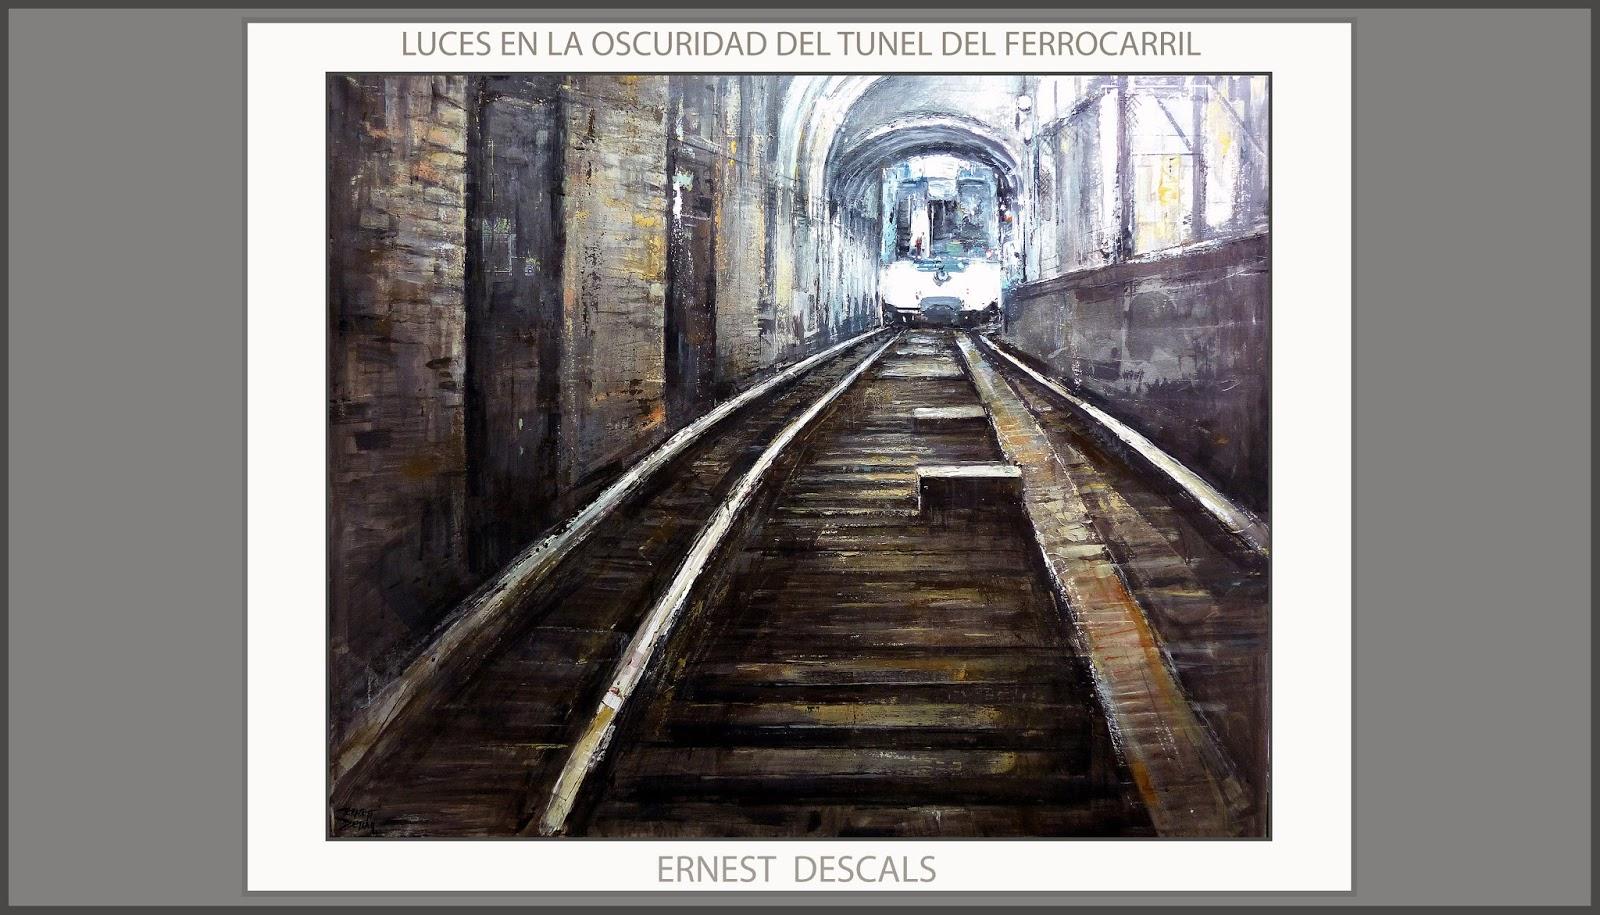 Ernest descals artista pintor paisaje urbano pinturas - Pintura de baldosas ...